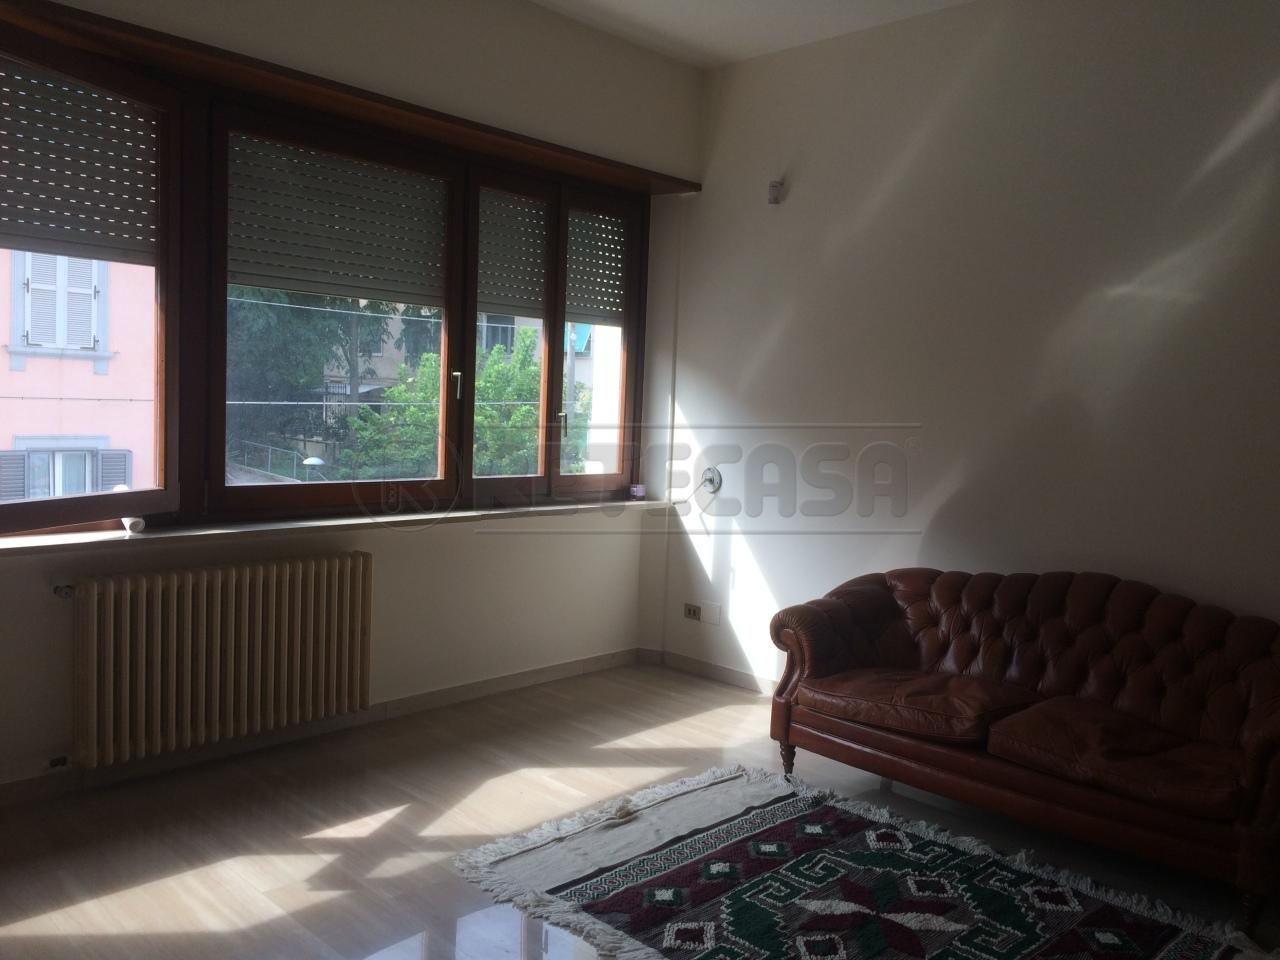 Bilocale in buone condizioni in affitto Rif. 8463233